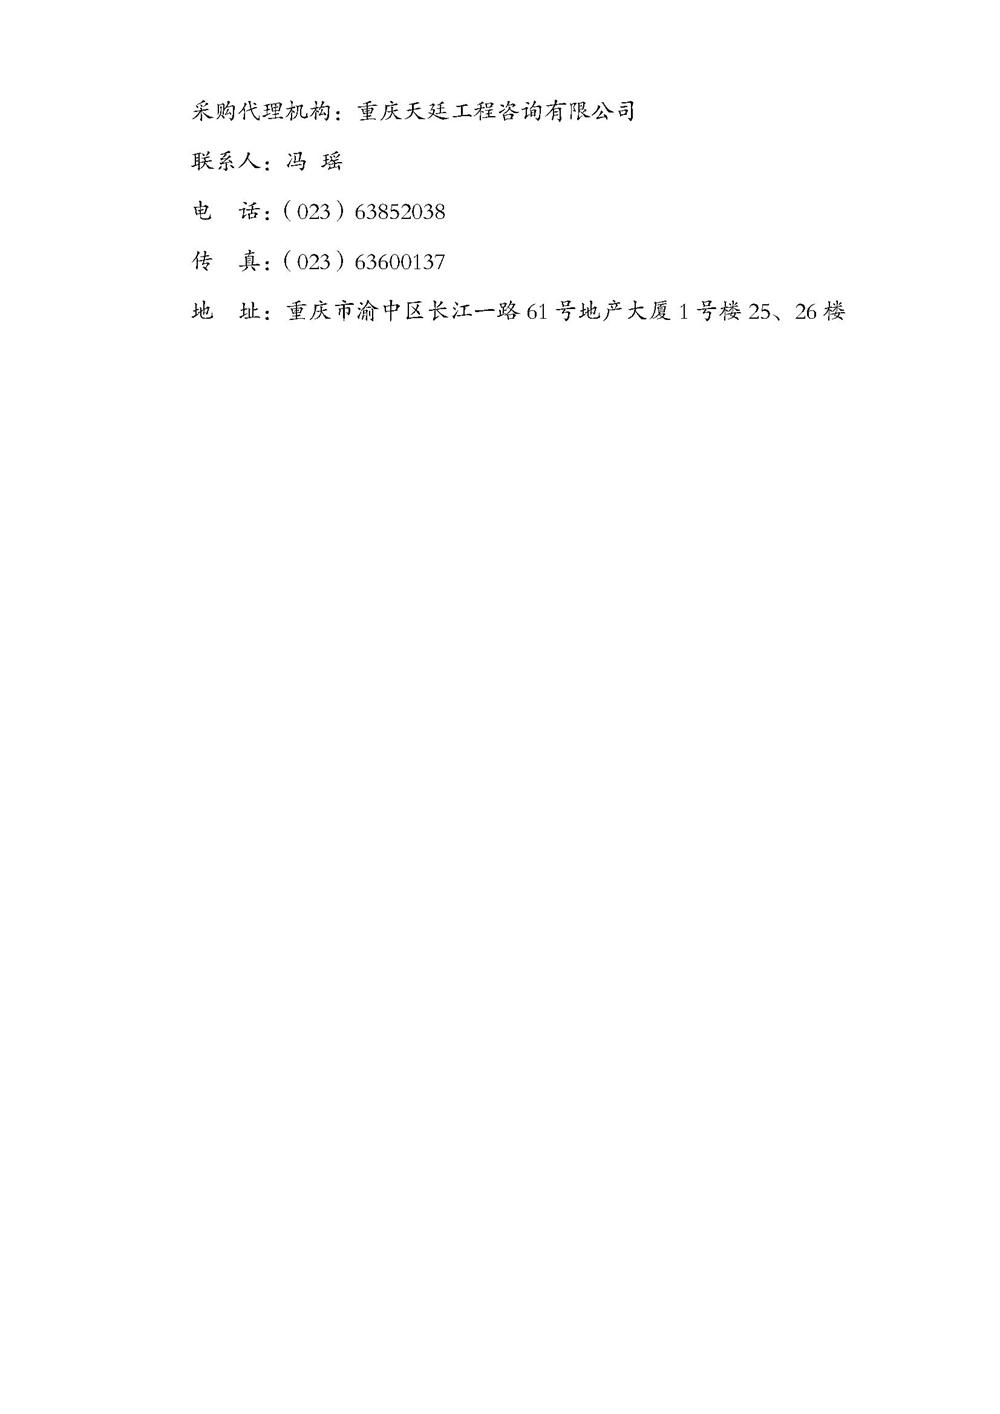 020200605气溶胶设备升级结果公告2.jpg